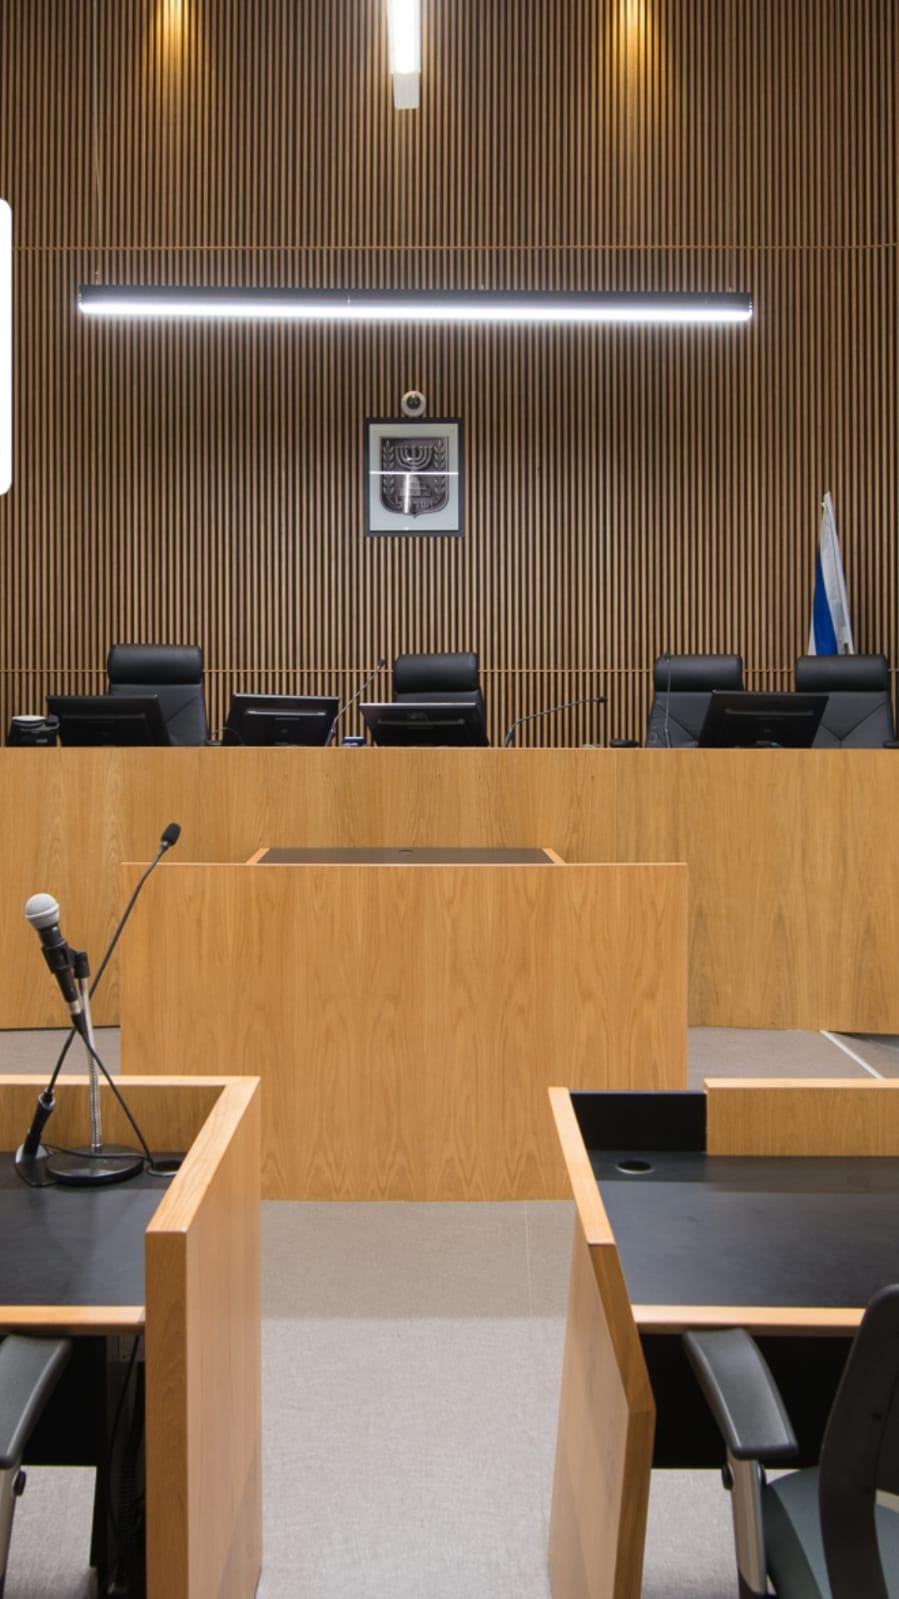 השופט הצביע על פגמים חמורים בעבודת המשטרה, צילום: אבי פוגל